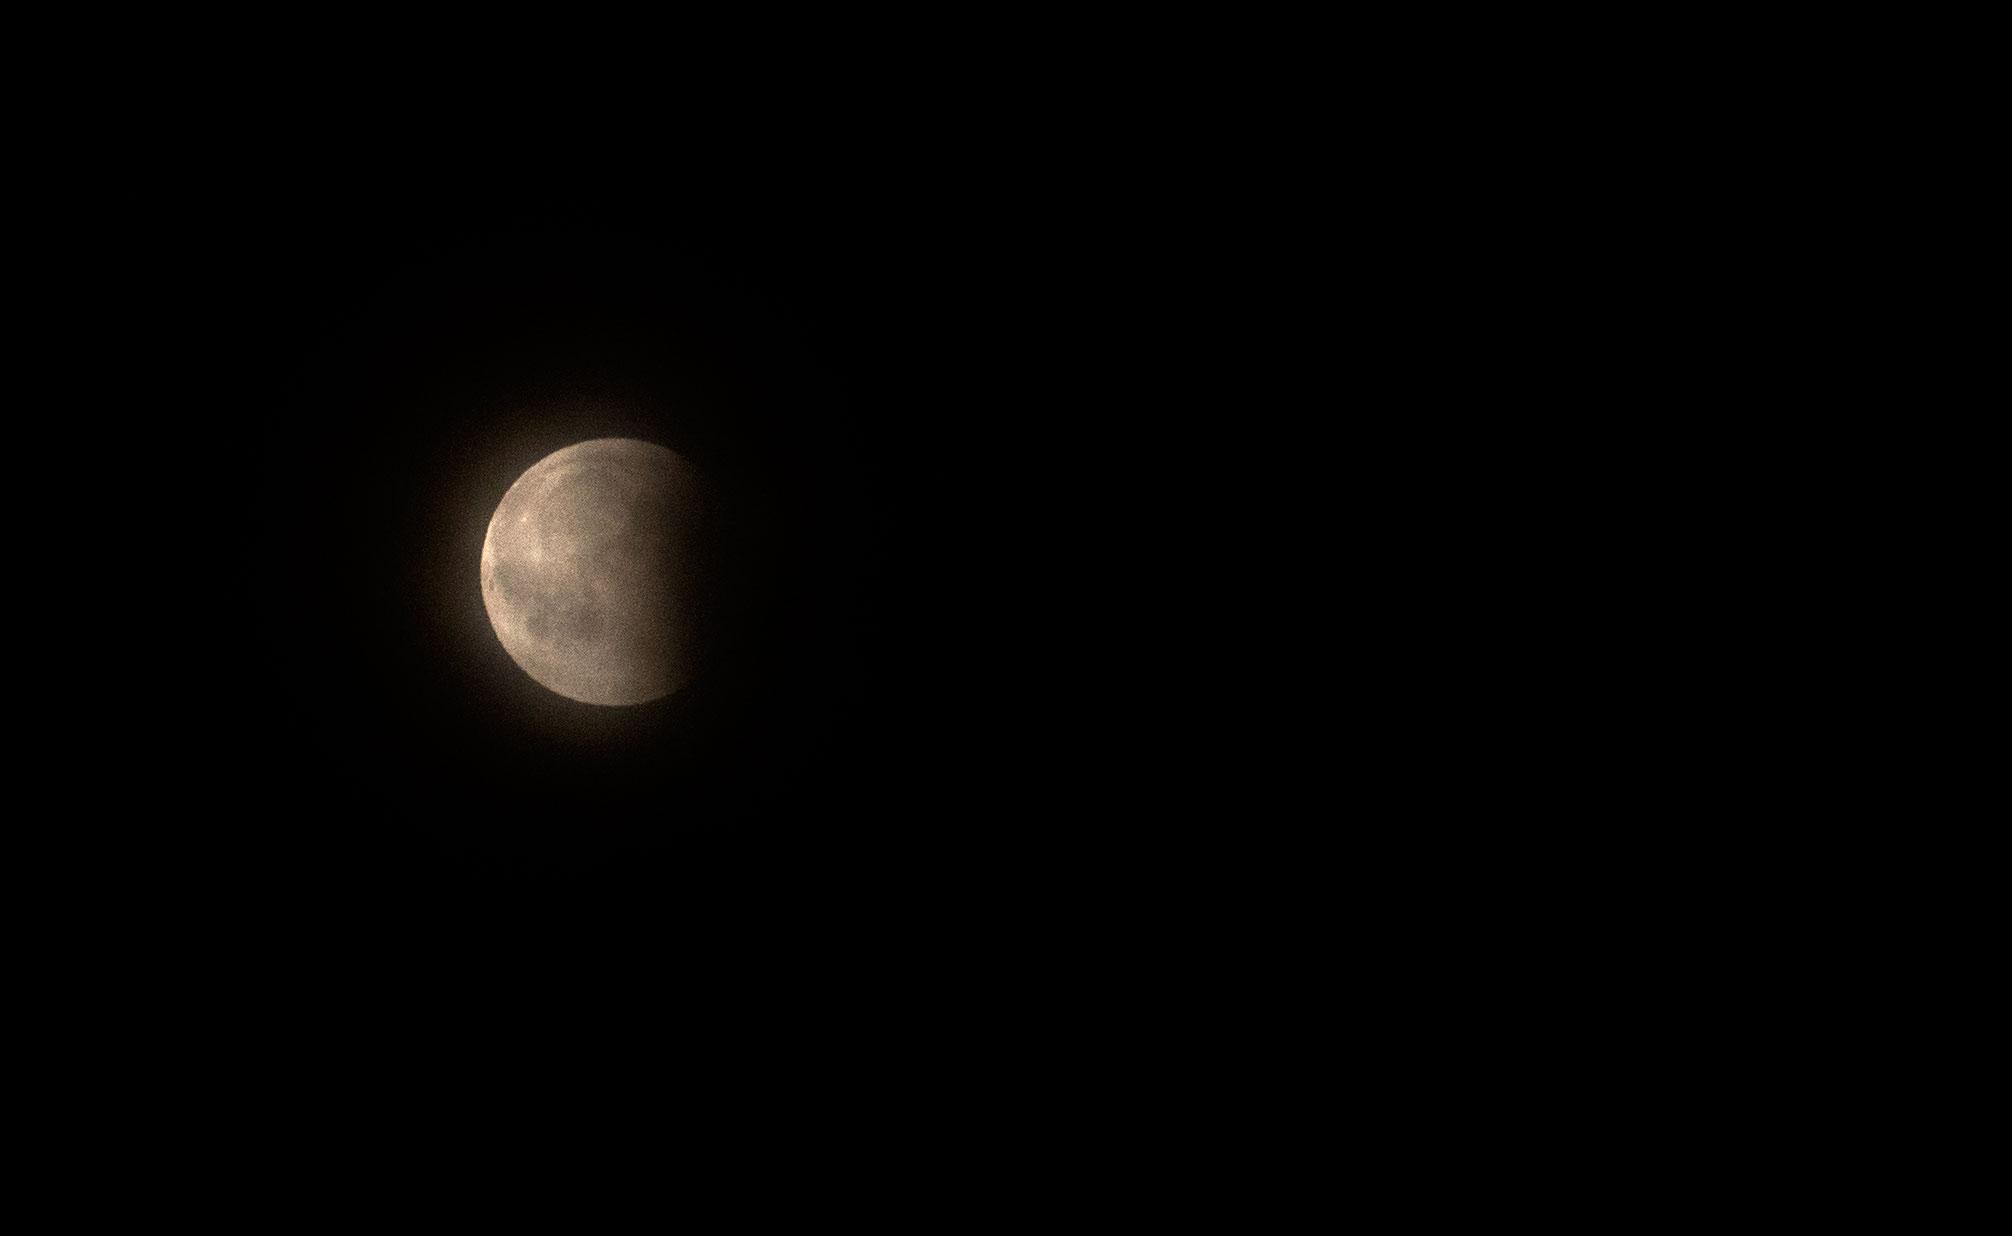 Eclipse de Lune du 27 juillet 2018 - Page 2 _mg_0010